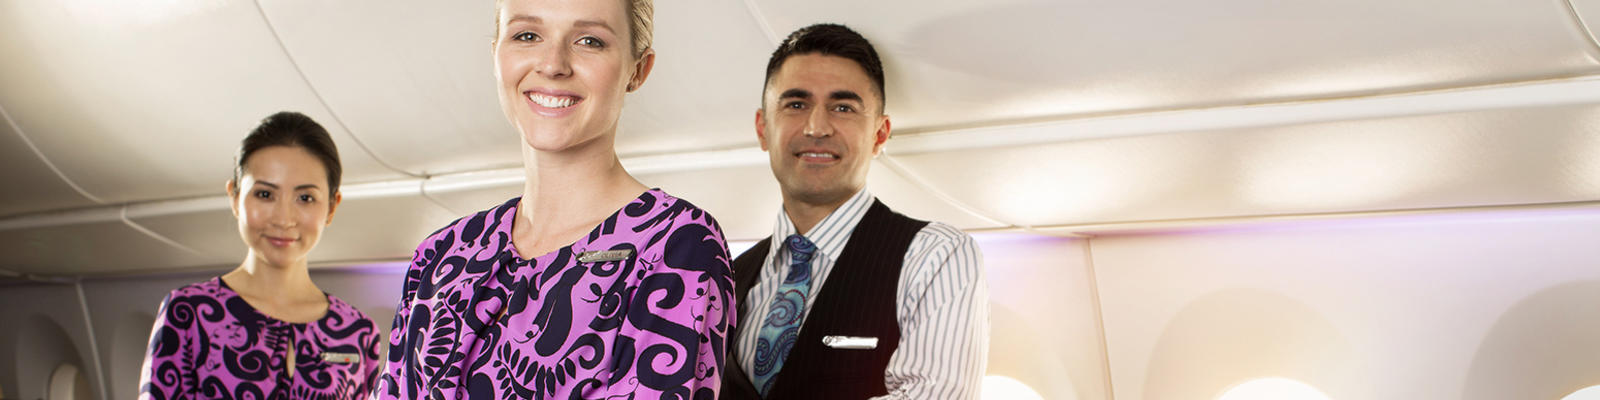 Three Air New Zealand flight attendants inside an aircraft.